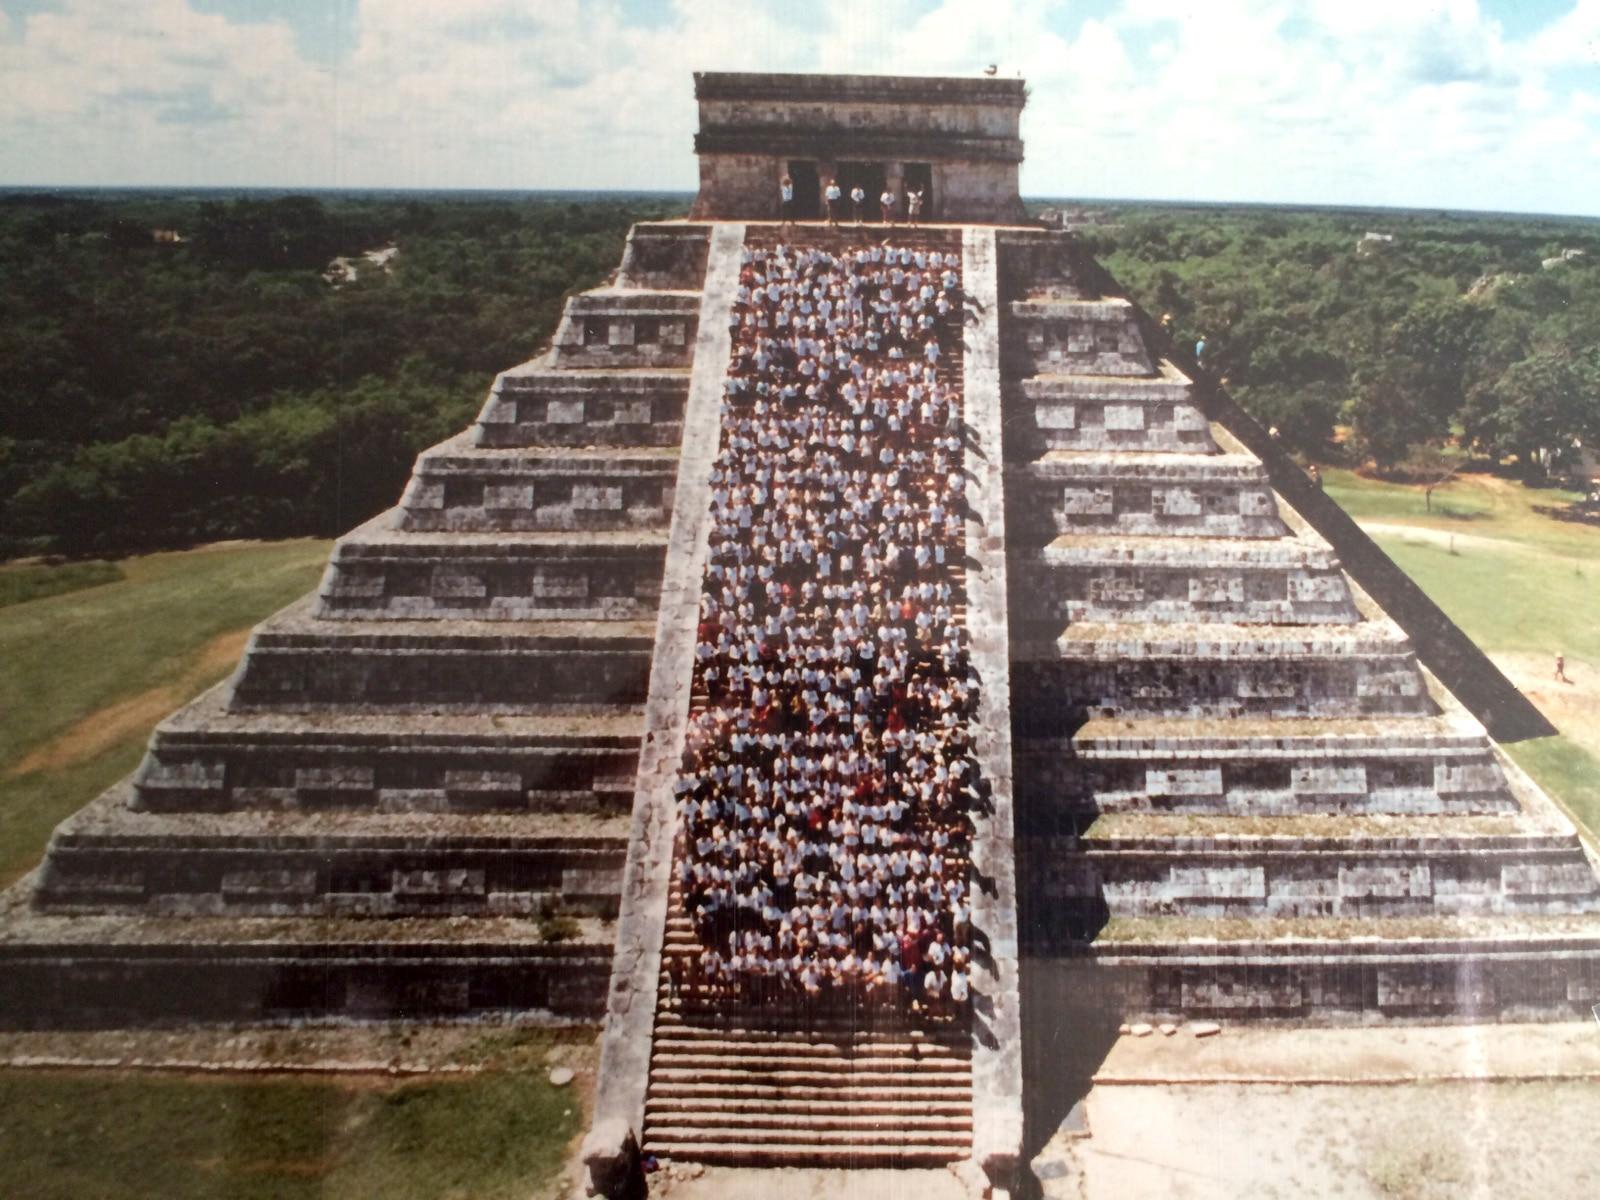 Fotografía: Expedición 1990: Rumbo al Mundo Maya (Chichén Itzá, México)